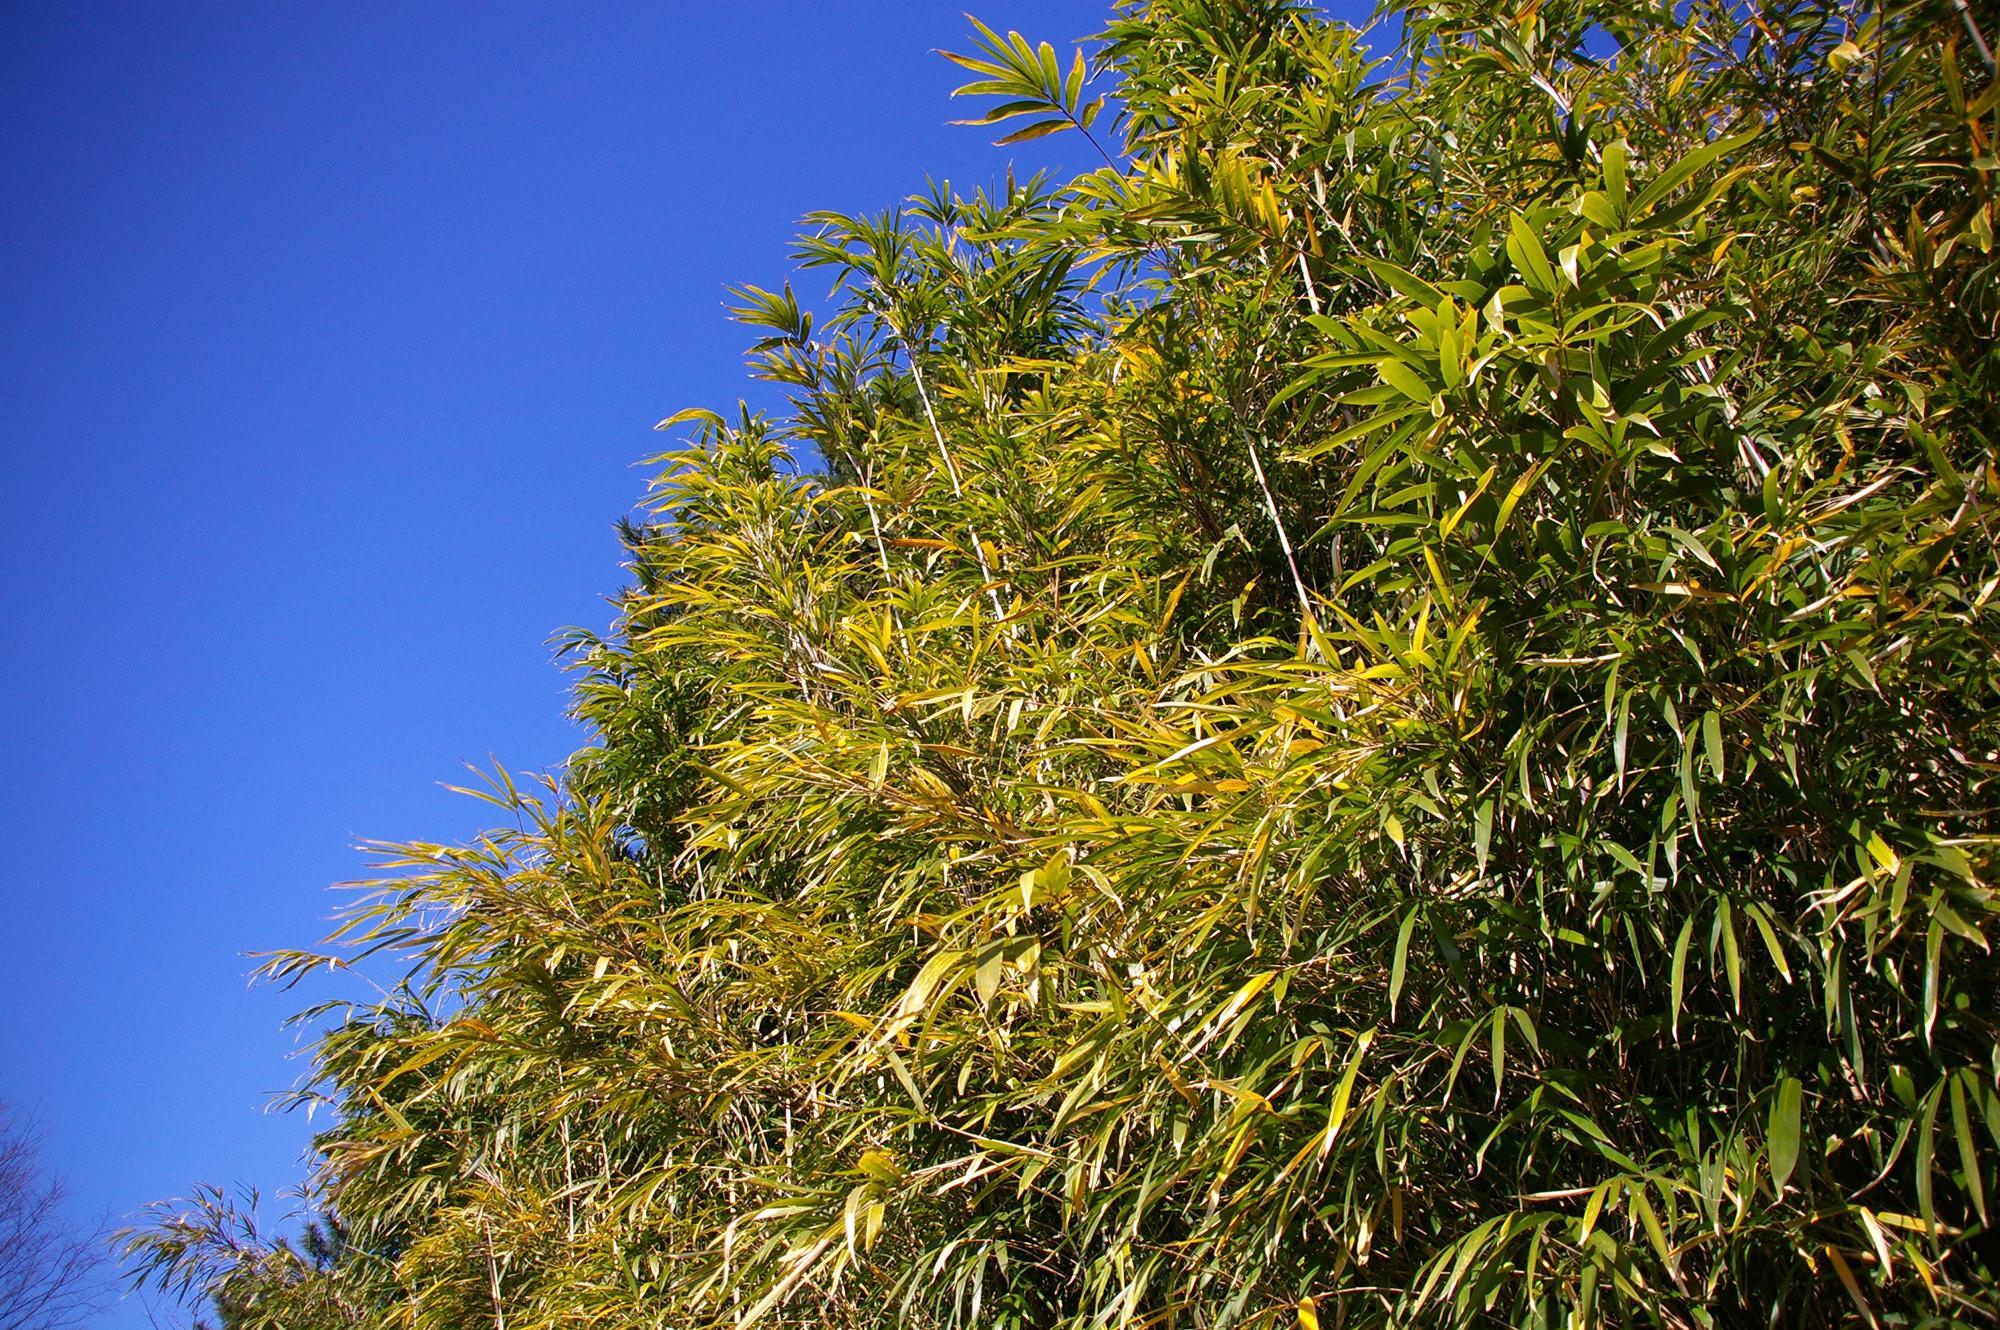 藪と青空のフリー写真素材